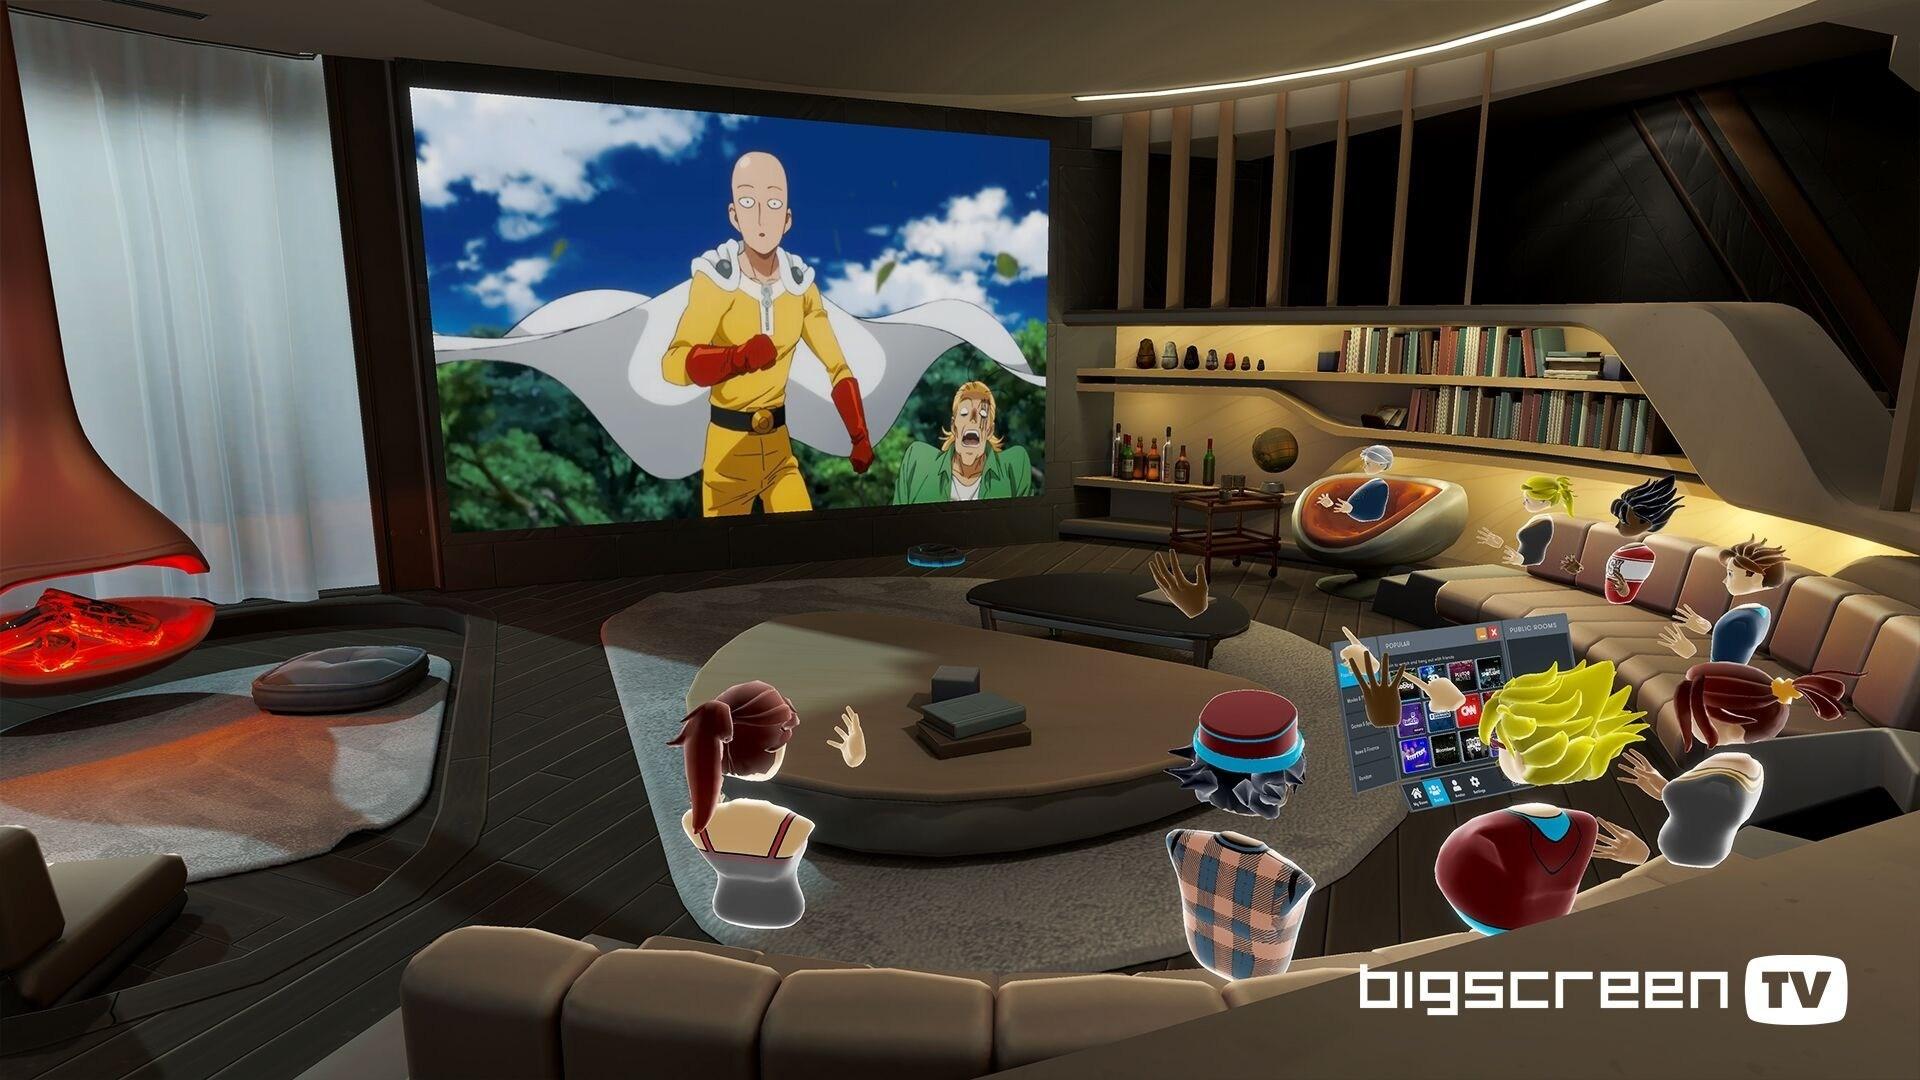 Jelentős frissítést kapott a Bigscreen